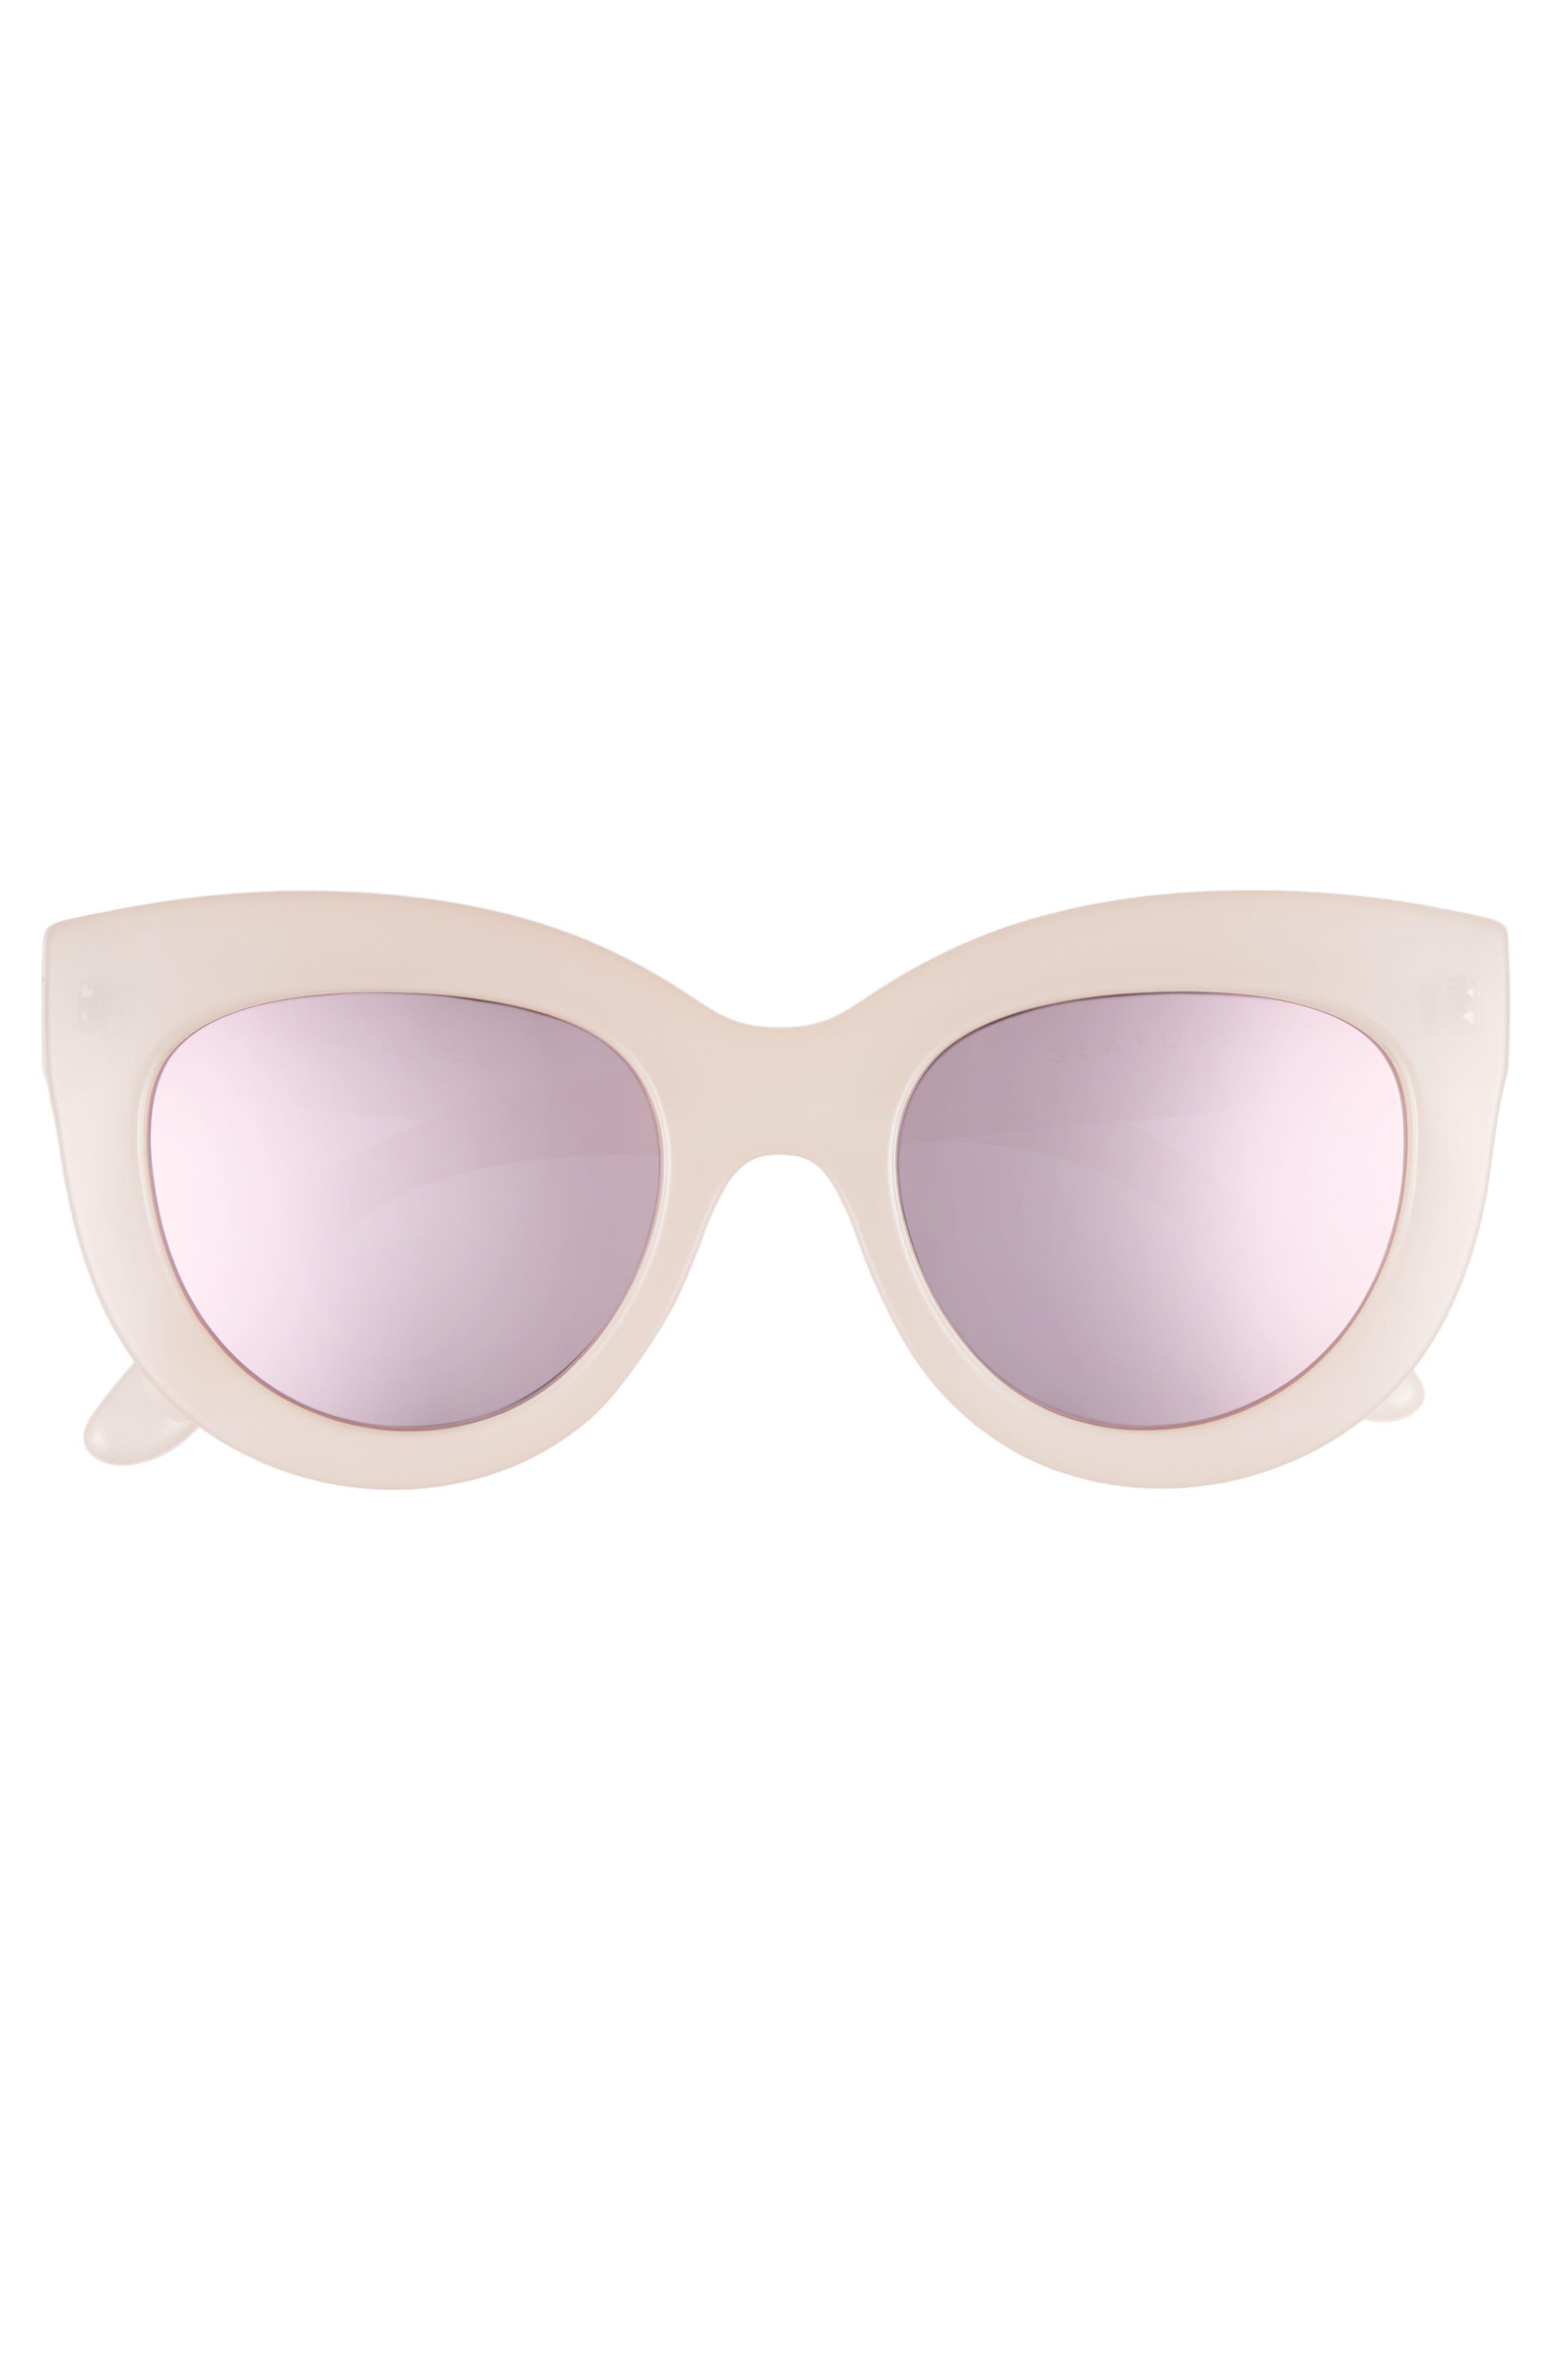 Torola V2 51mm Cat Eye Sunglasses,                             Alternate thumbnail 3, color,                             Blossom